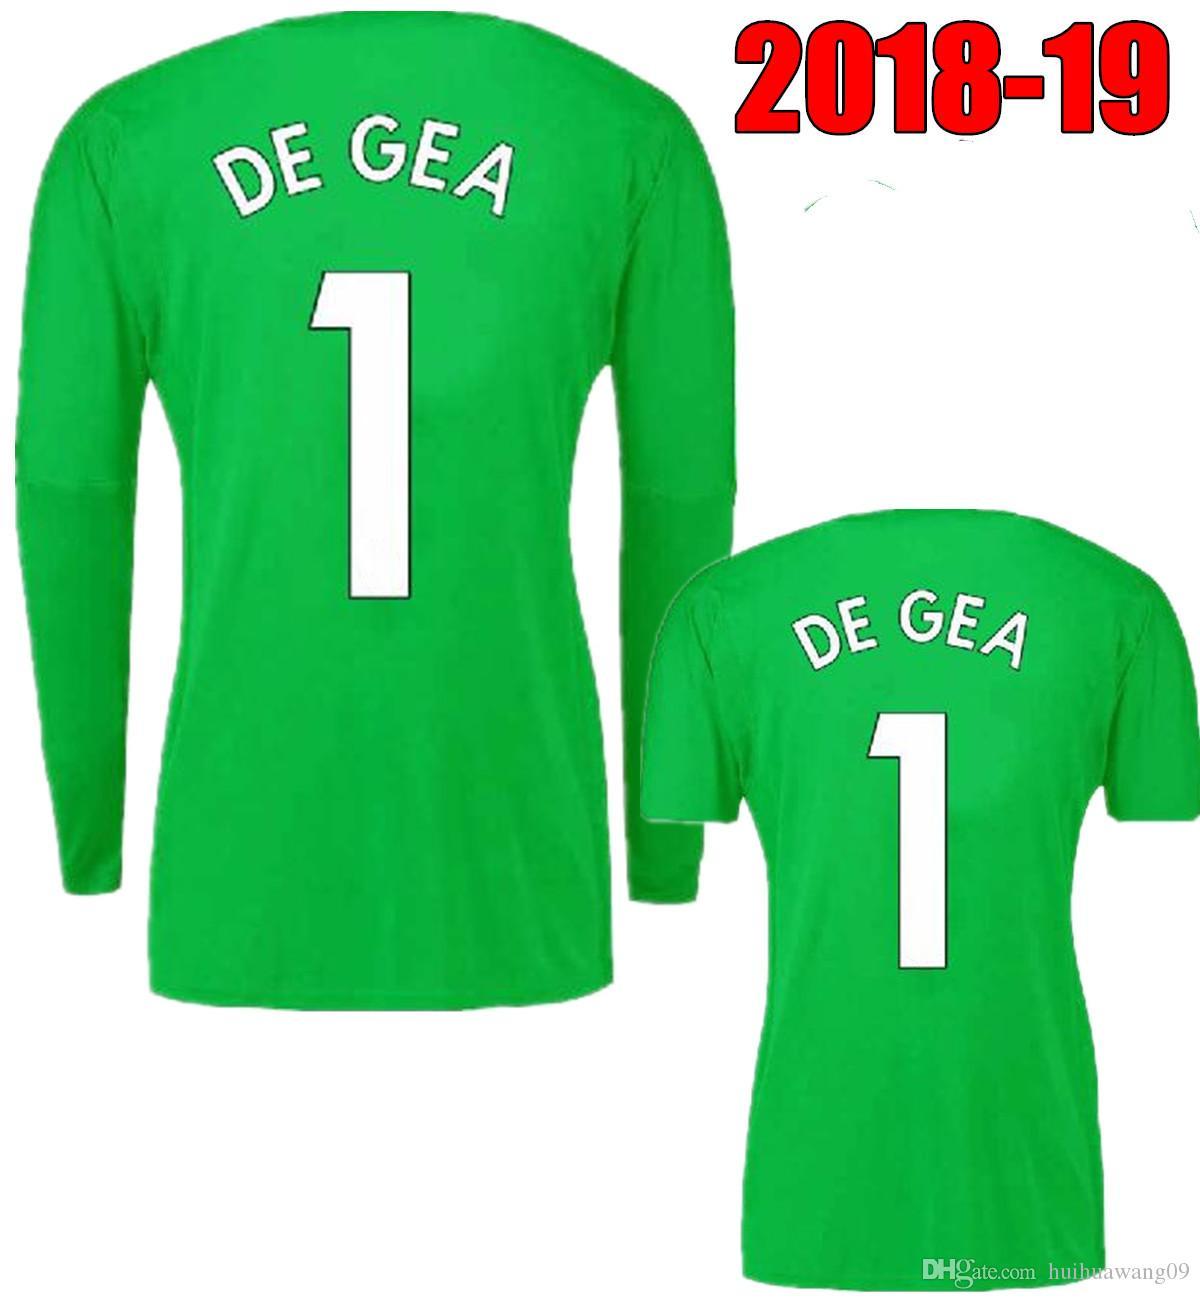 save off 89ec5 1c00a 2018-19 Thai Men Long Sleeve #1 De Gea Goalkeeper Jersey Green Soccer  Jerseys David De Gea Romero United Full Short Sleeve Football Shirts